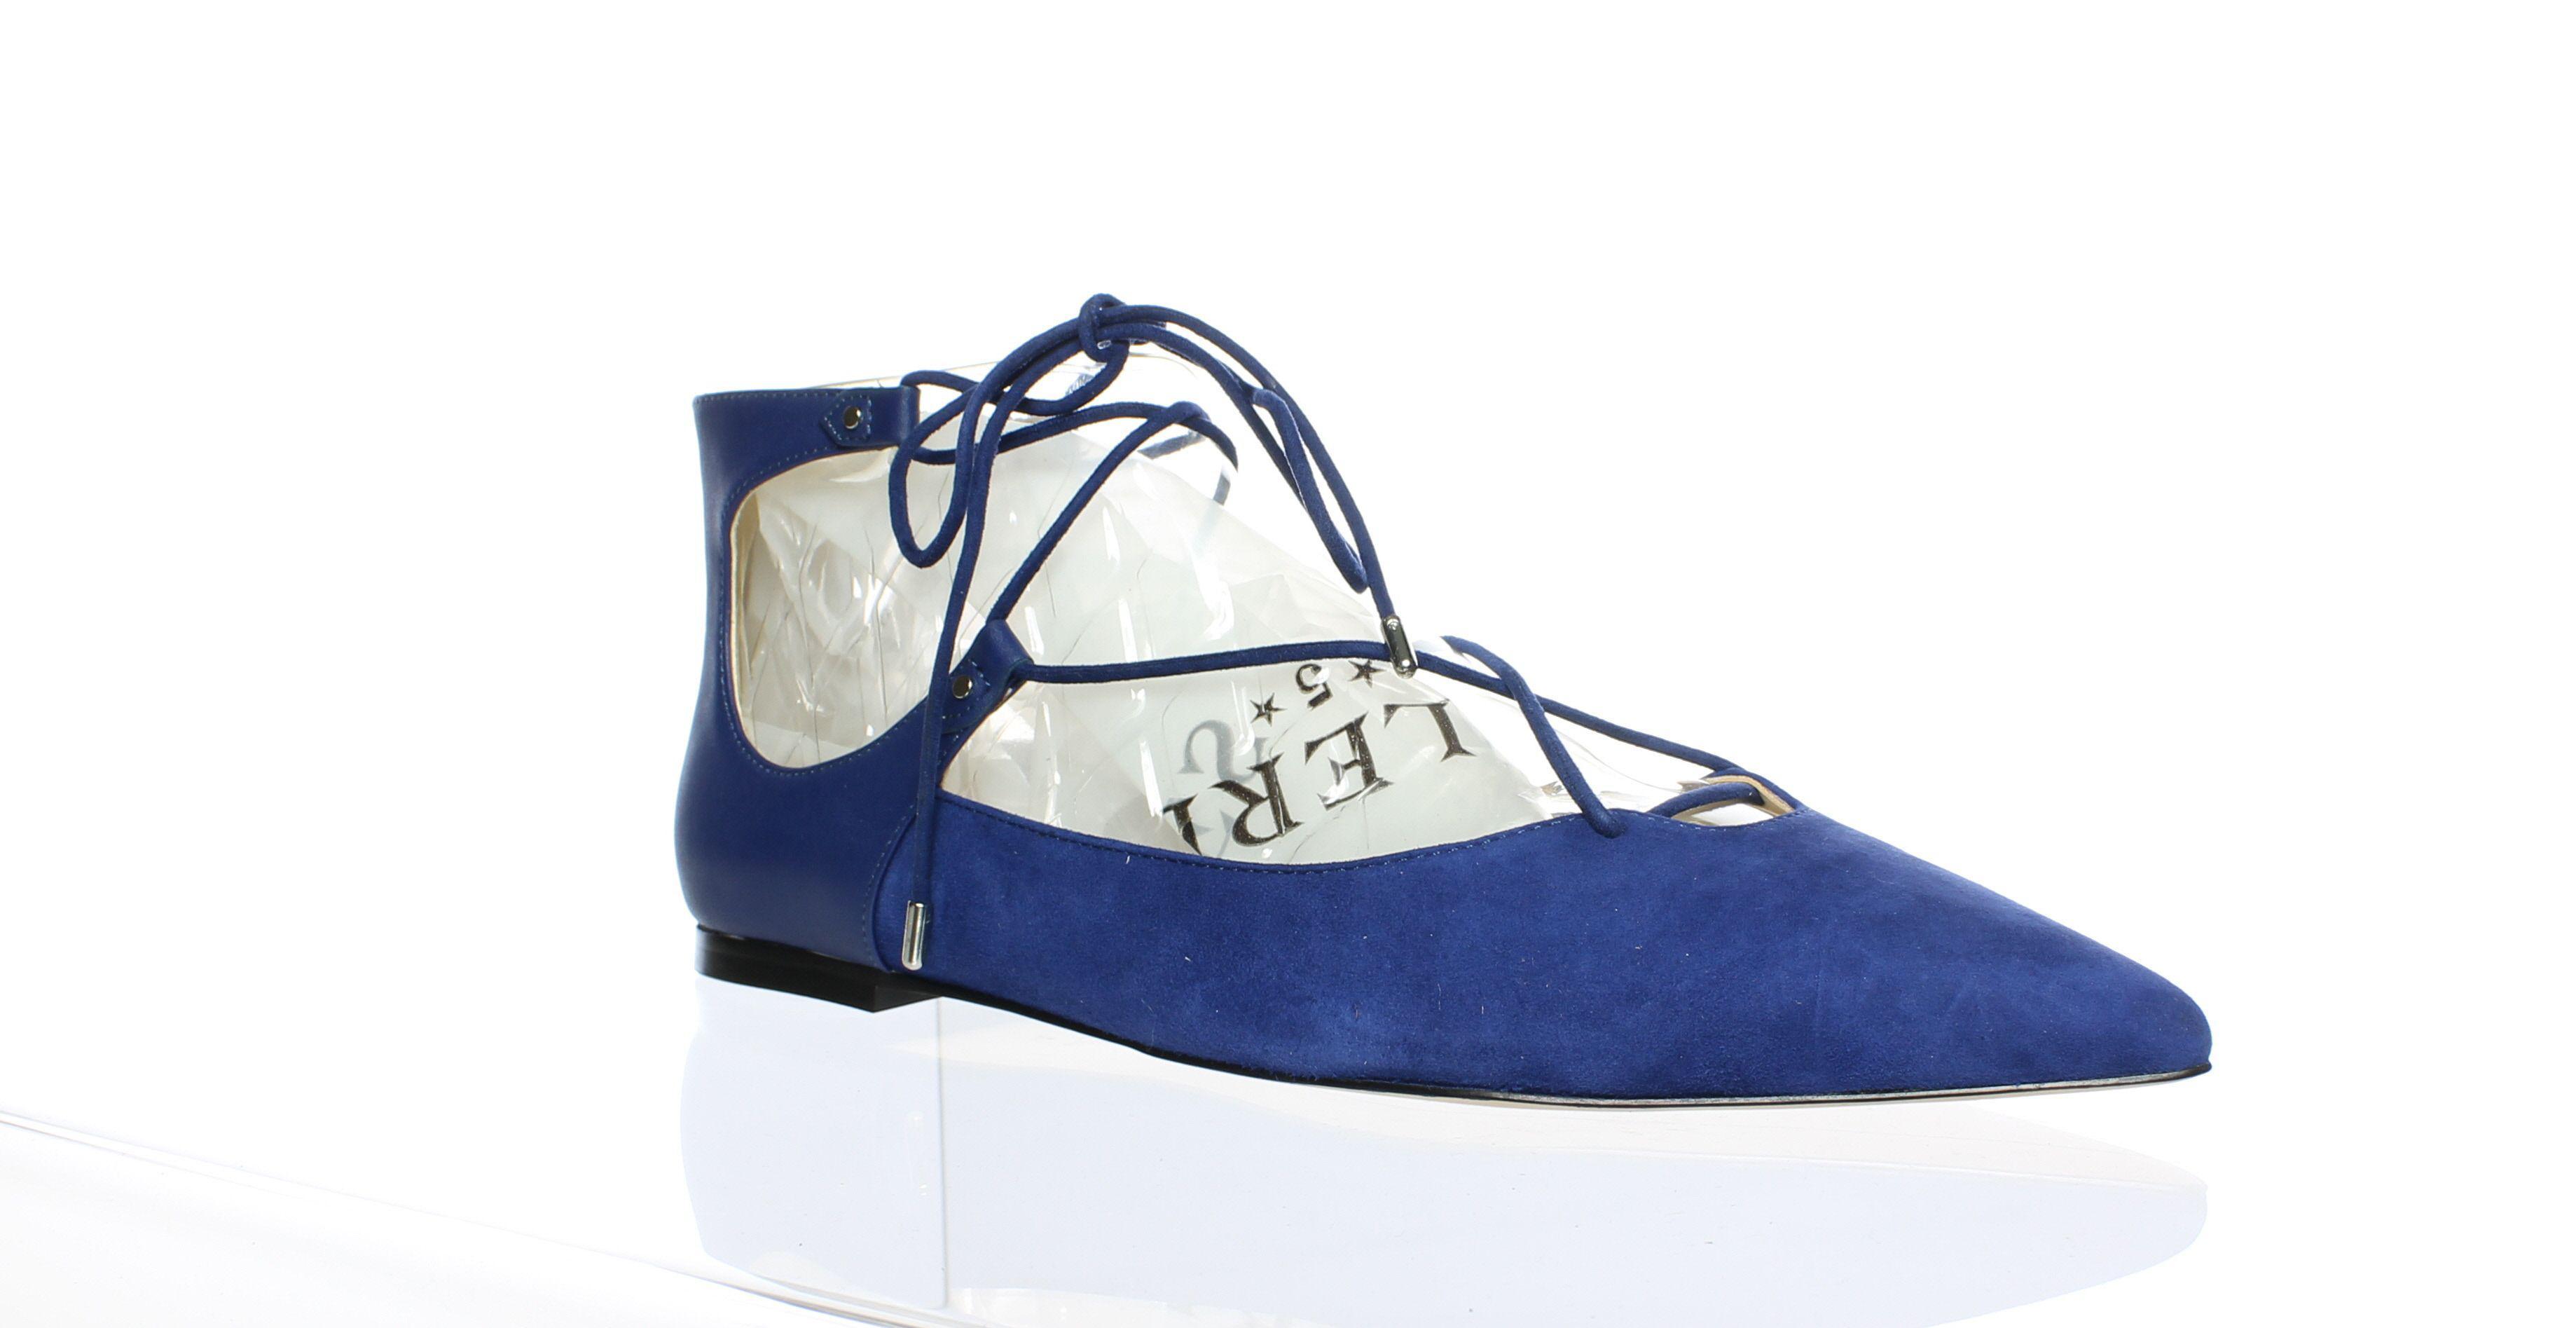 0dda197b2 Lyst - Sam Edelman Womens Rosie Bandana Blue in Blue